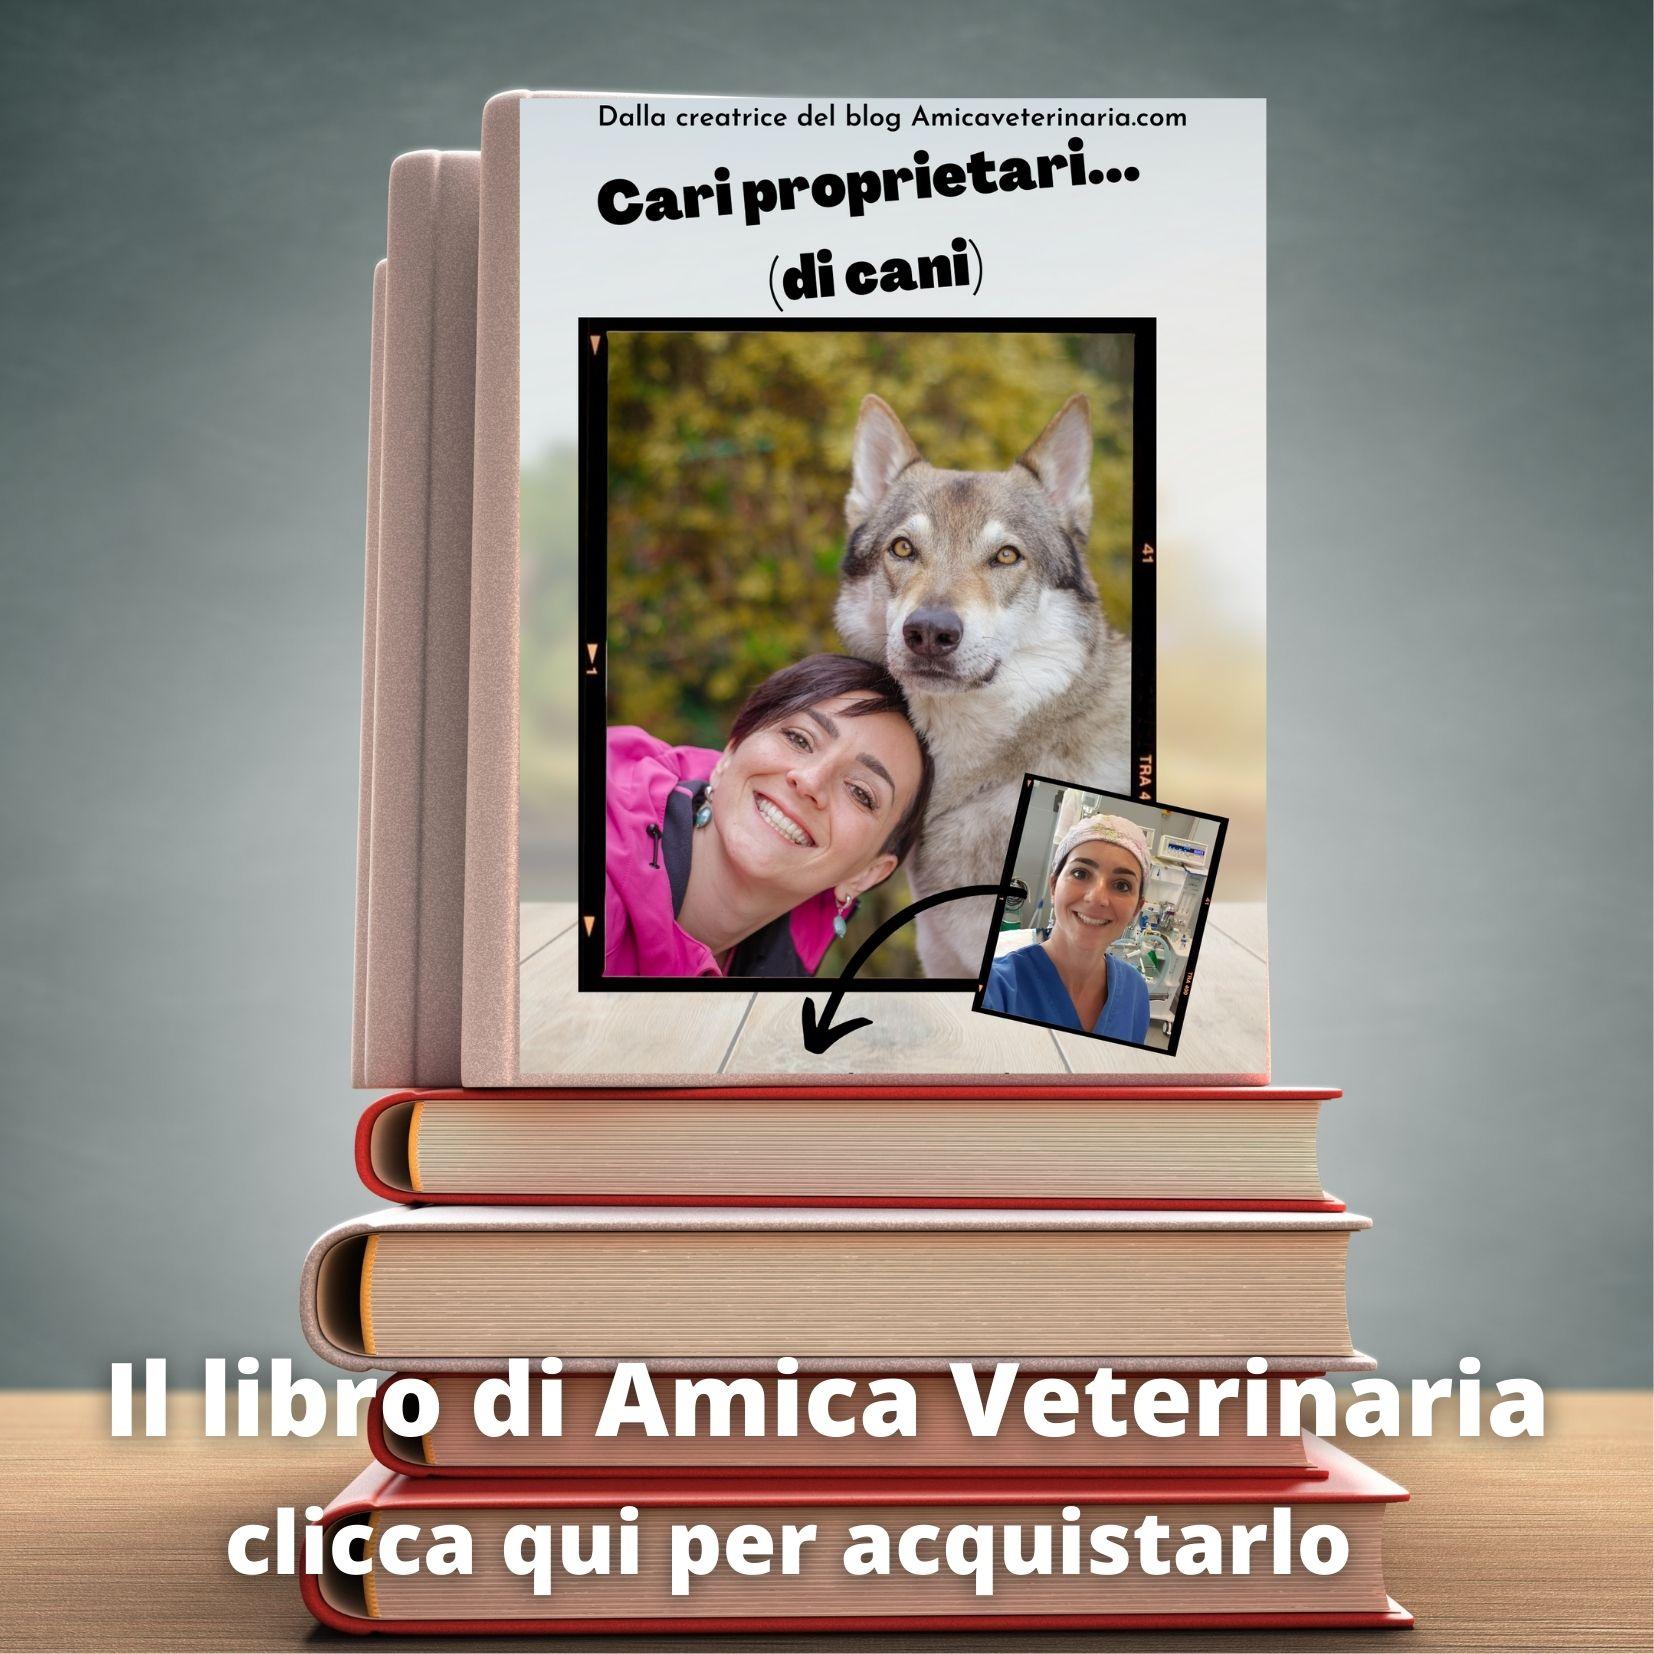 il libro di amica veterinaria